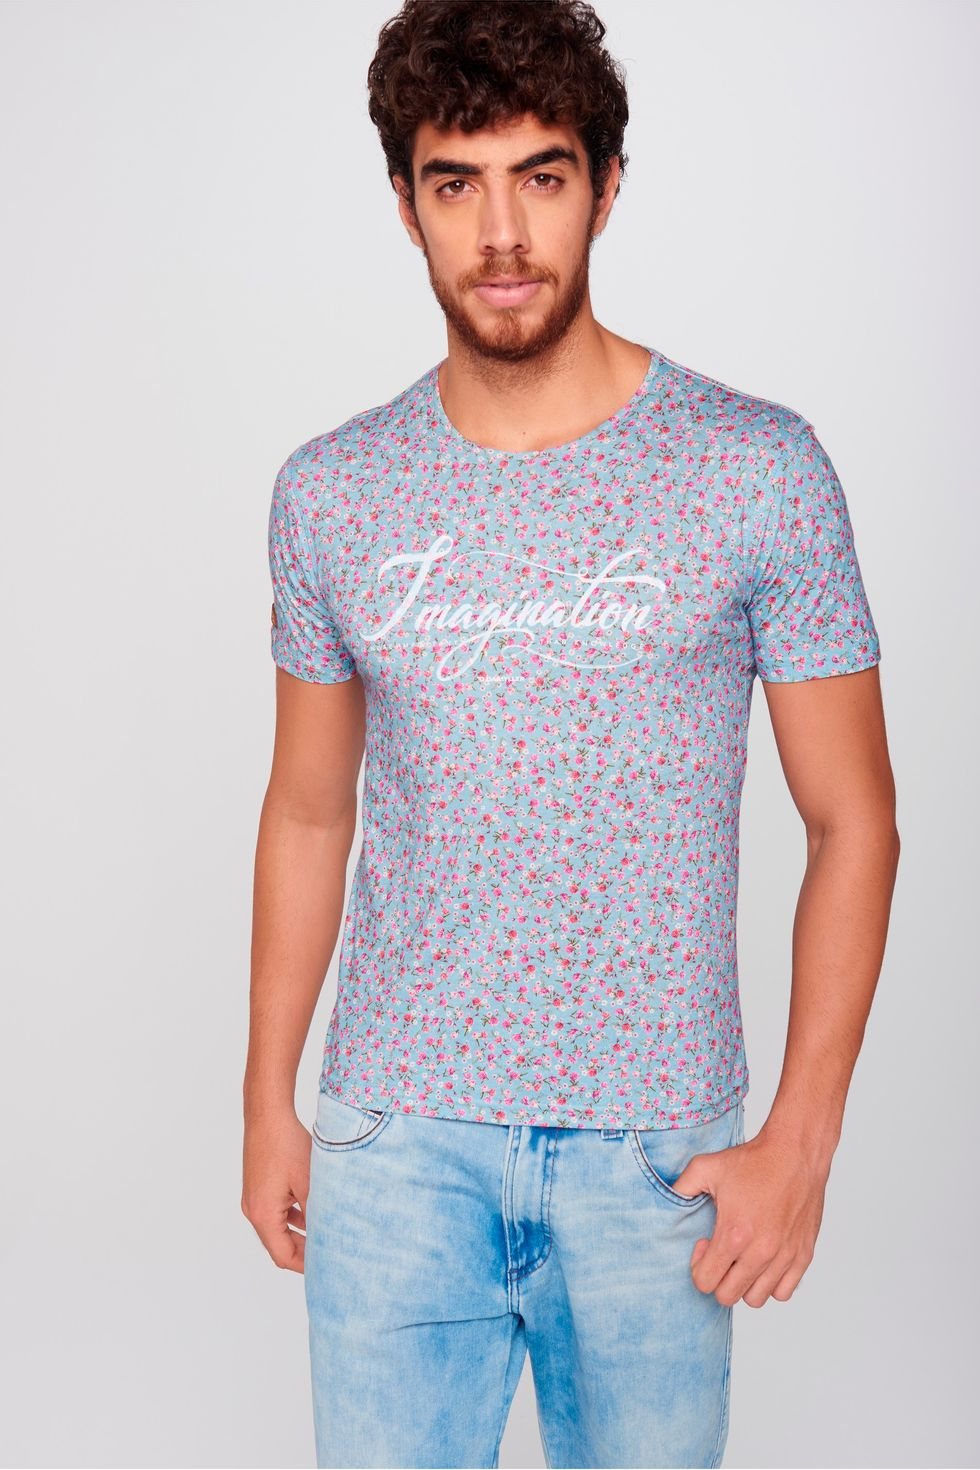 Camiseta-Floral-Unissex-Frente--